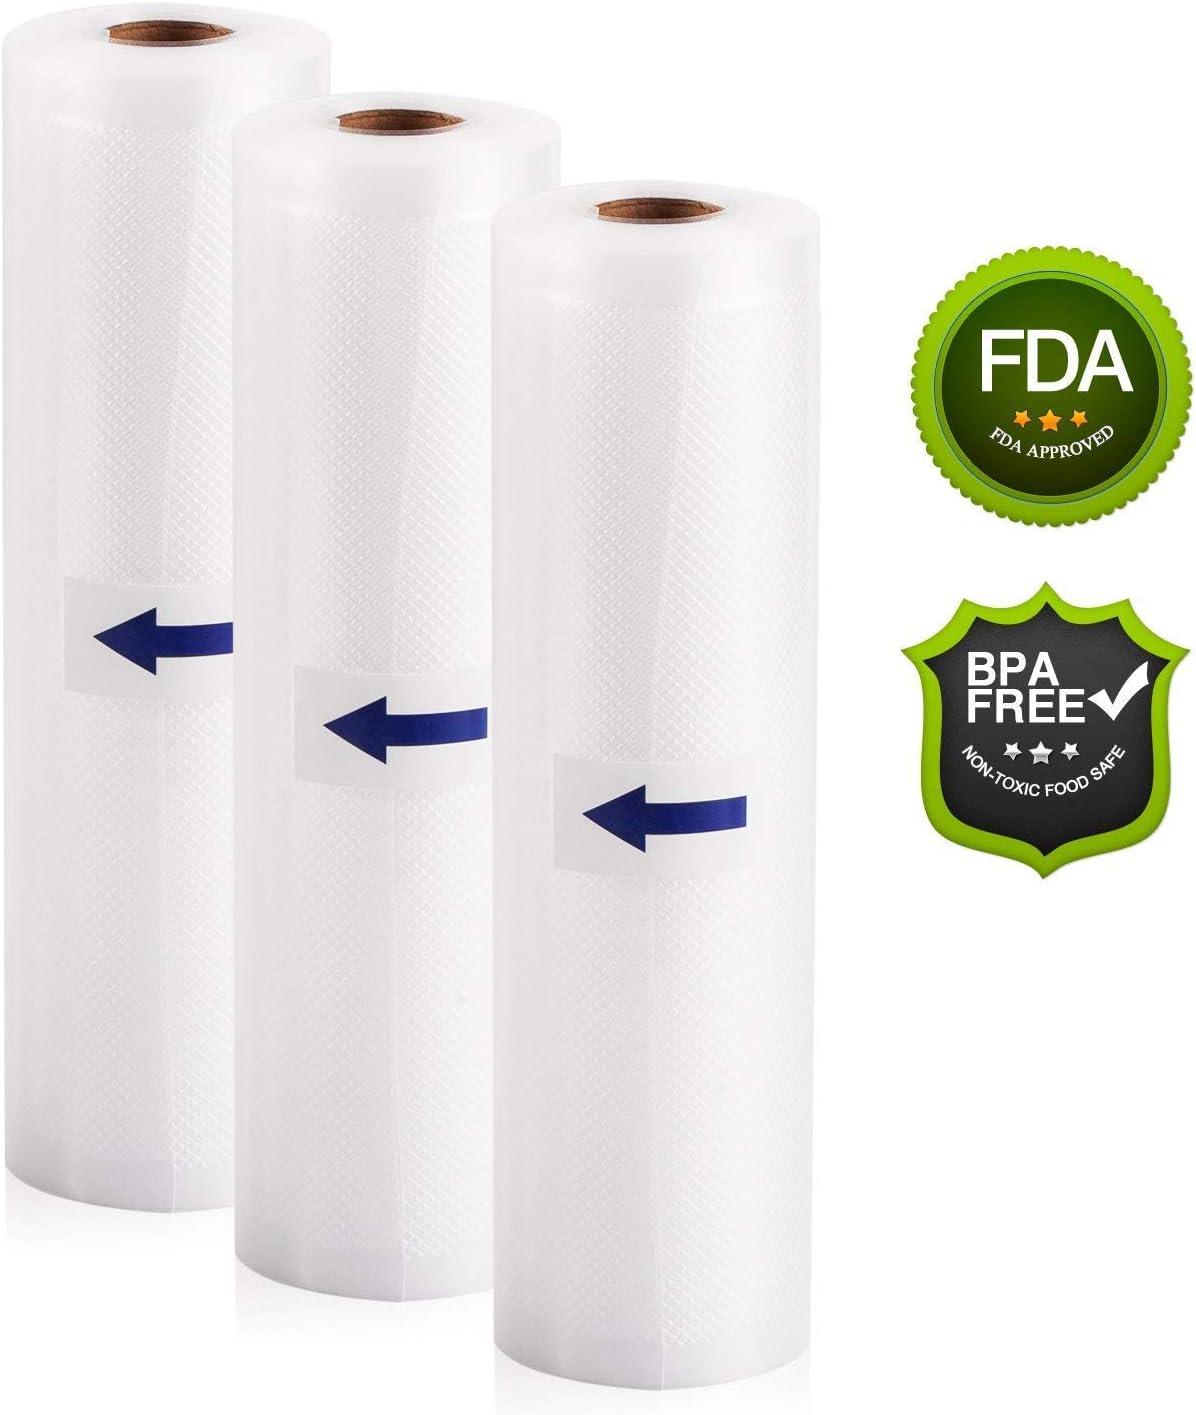 Pack de 3 Rollos Bolsas Paquete para Dispositivo Envasadora ...